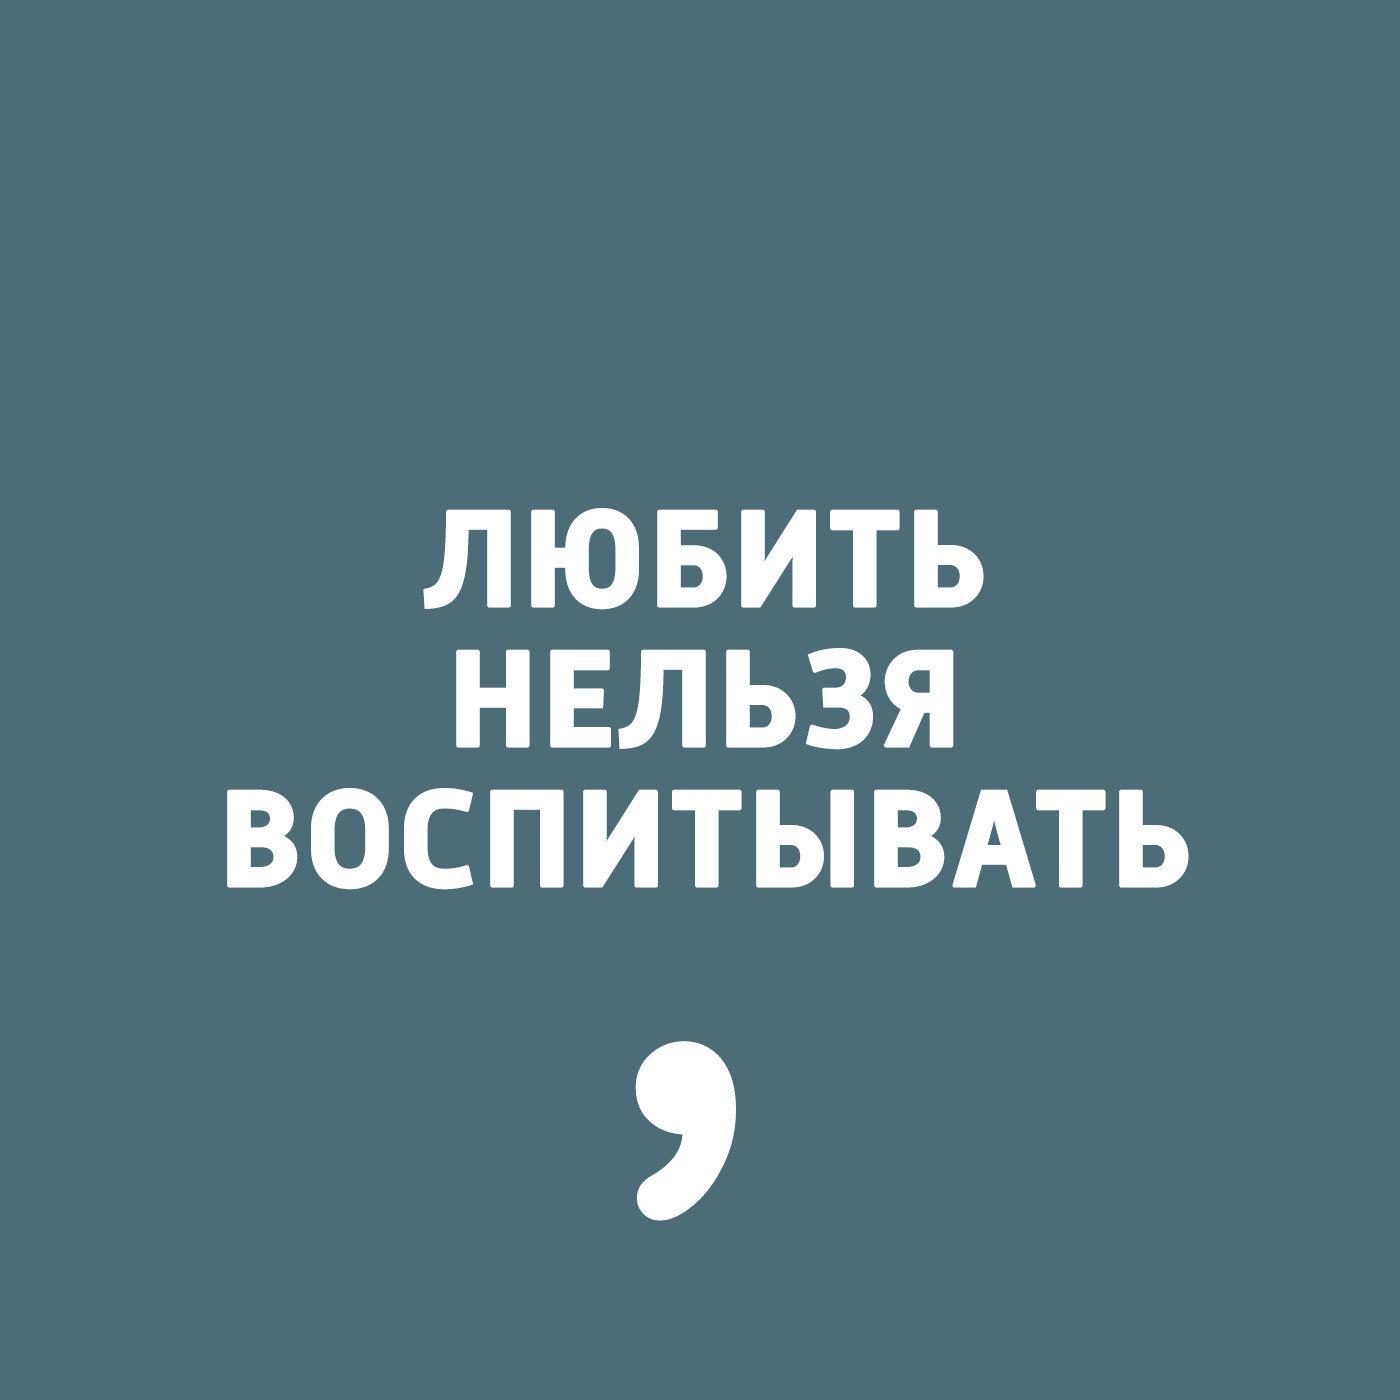 Дима Зицер Выпуск 10 дима зицер любить нельзя воспитывать